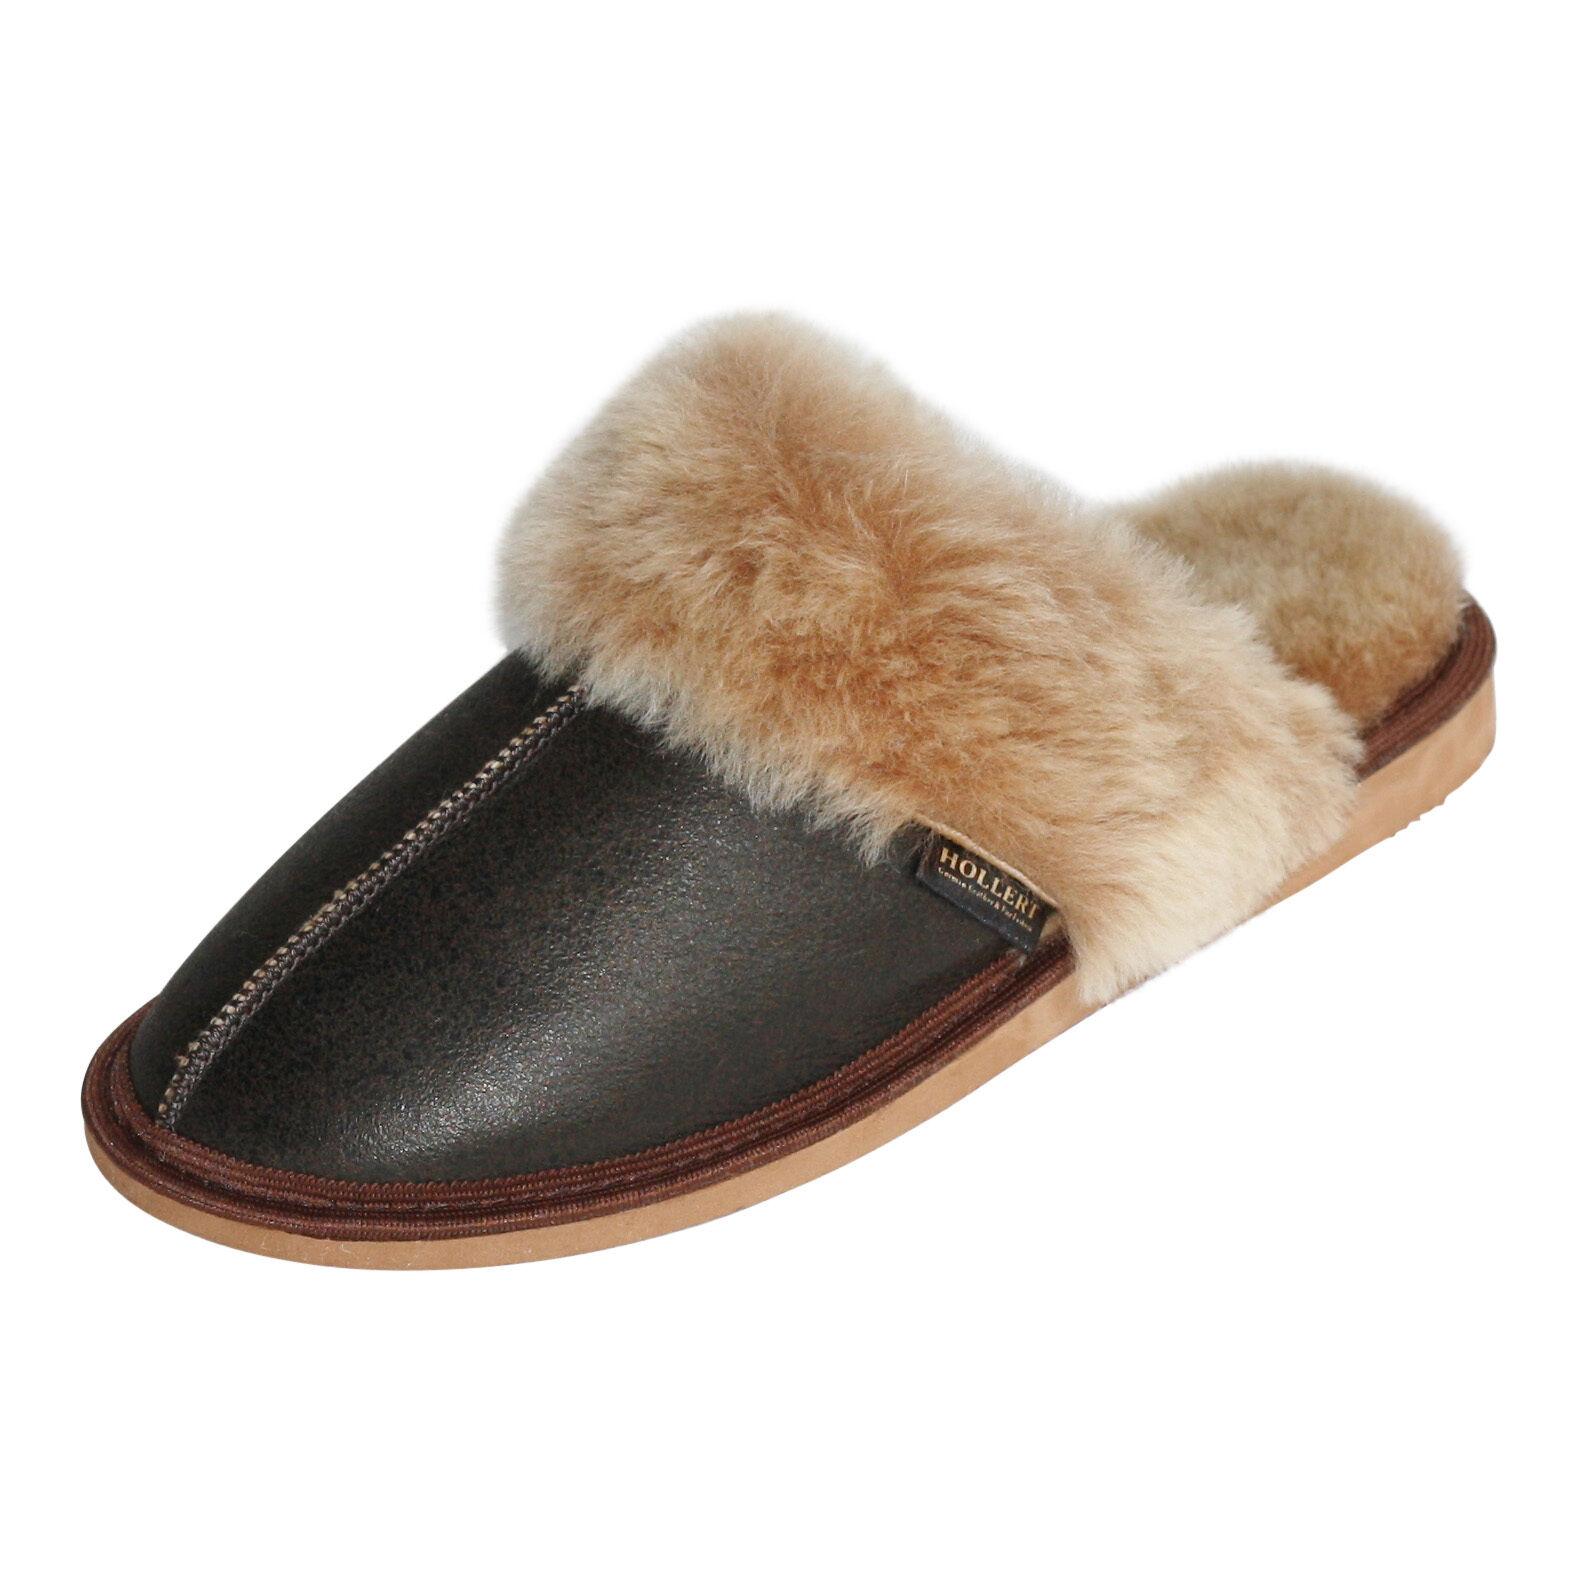 Lammfell Hausschuhe Pocahontas Braun Damen Lammfell Pantoffeln Puschen